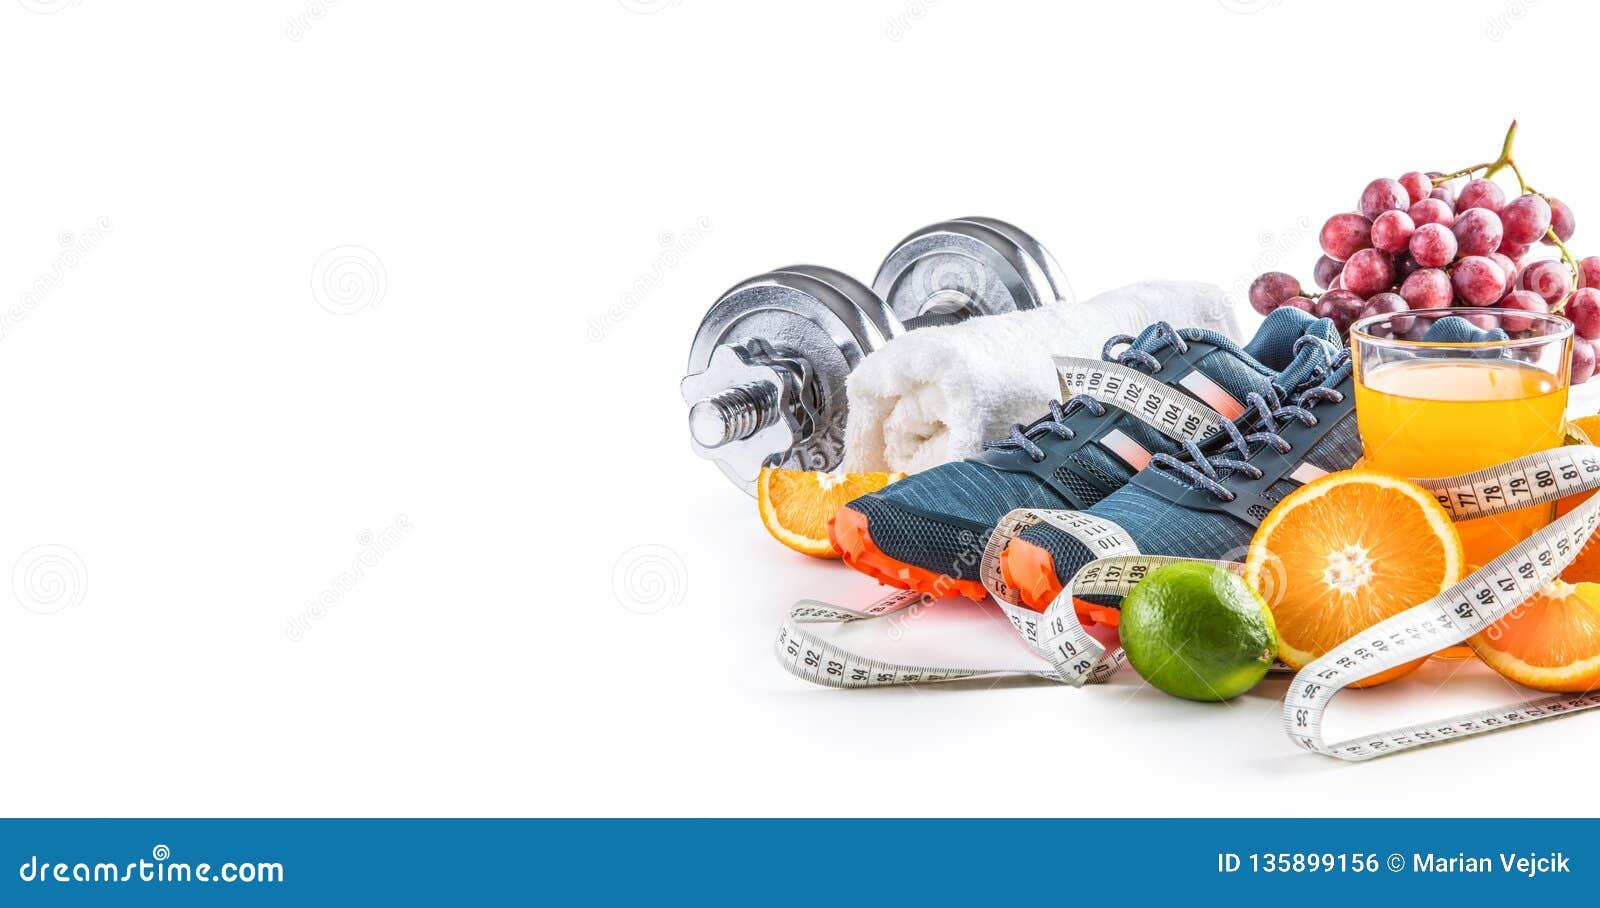 Cinta de la medida de la fruta fresca de las pesas de gimnasia de los zapatos del deporte y jugo del multivitamin aislado en el f